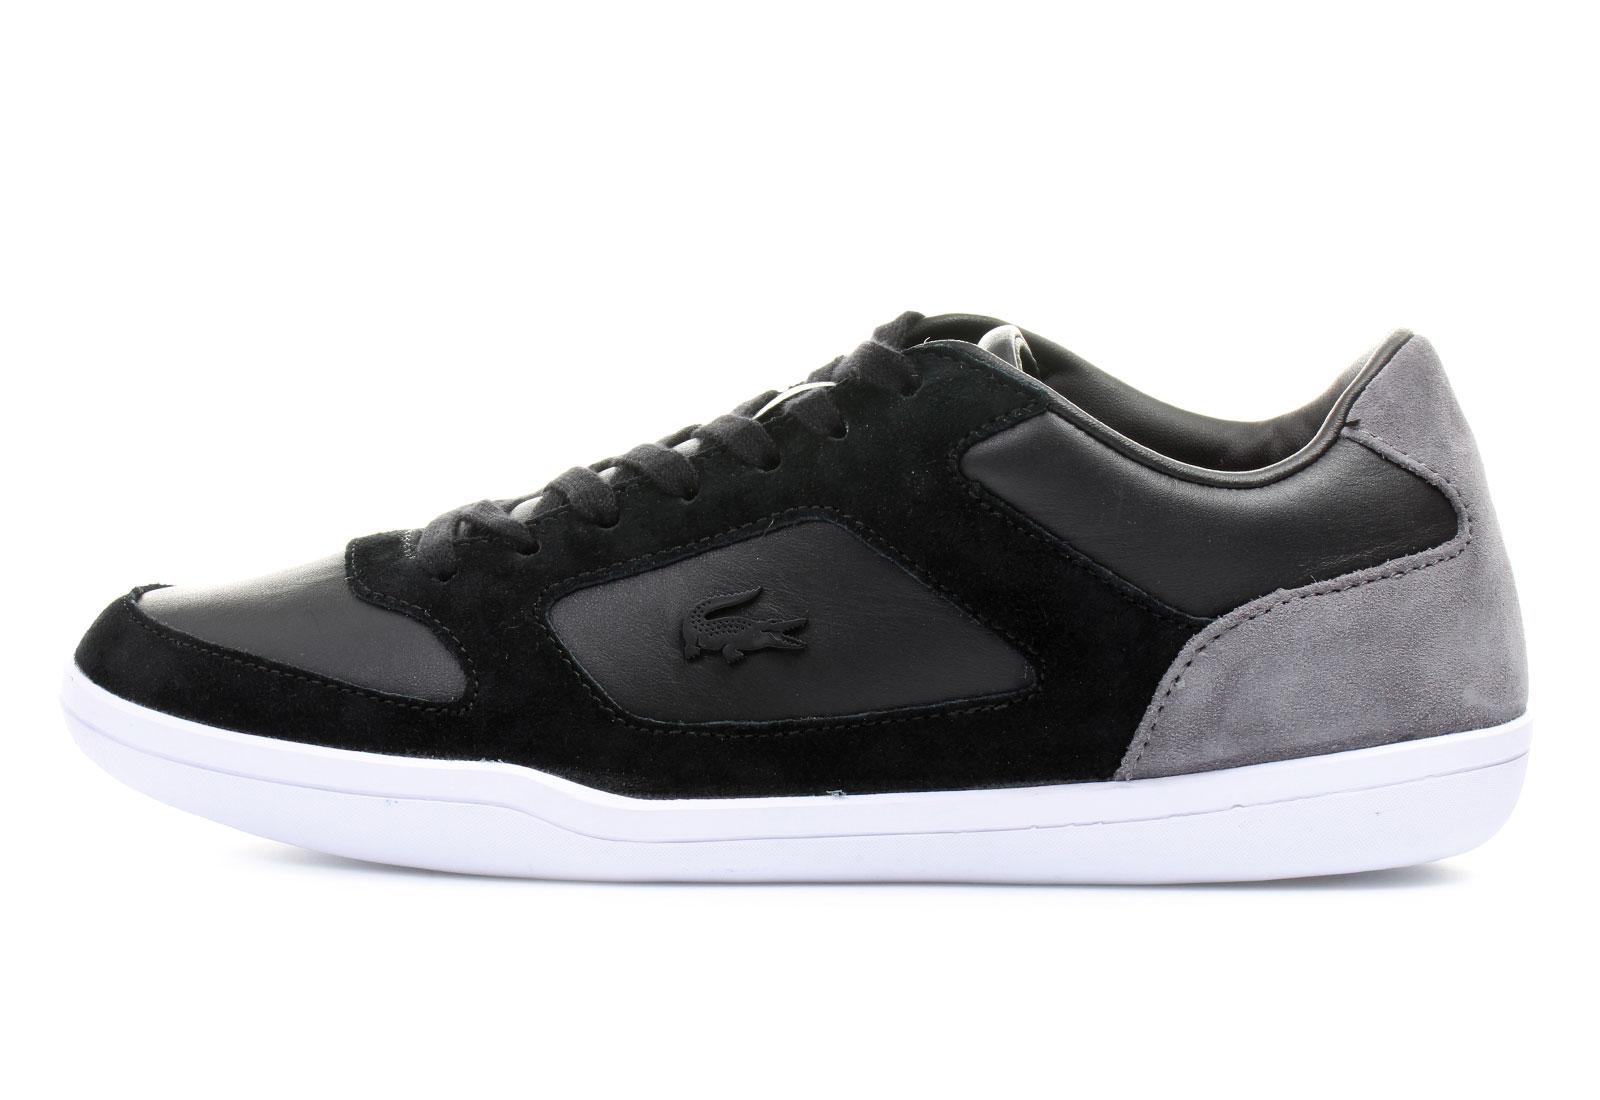 Primal Evo Shoes Uk